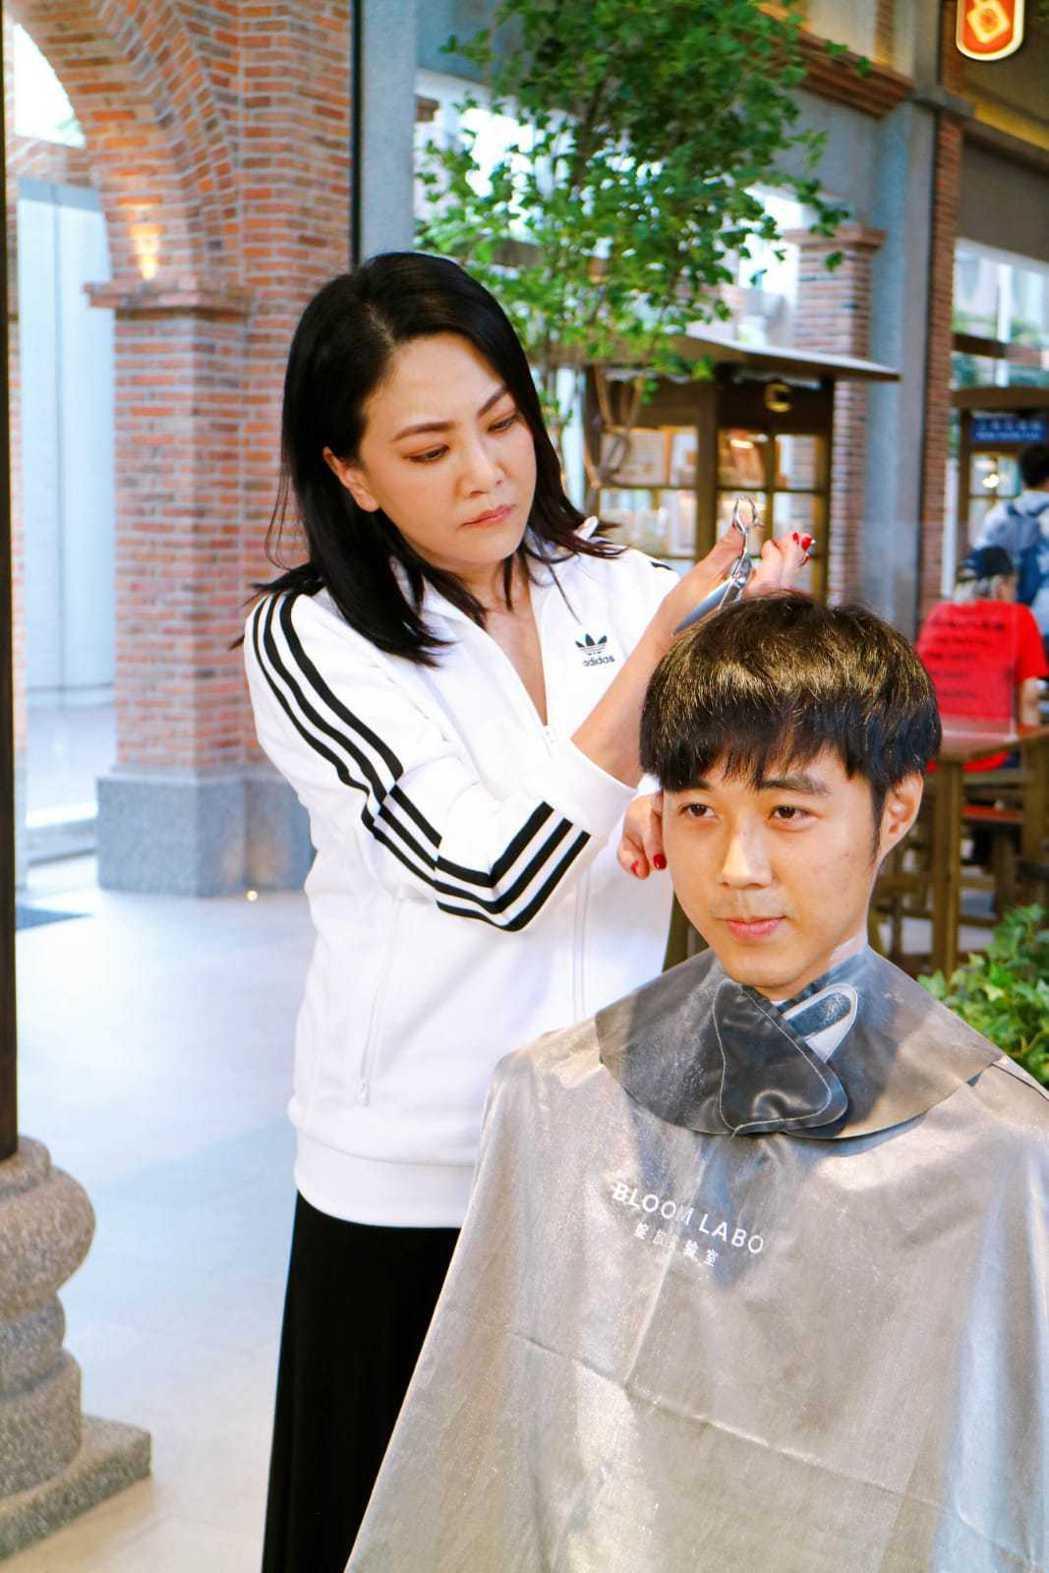 吳依霖隨機幫路人剪髮。圖/喜鵲娛樂提供